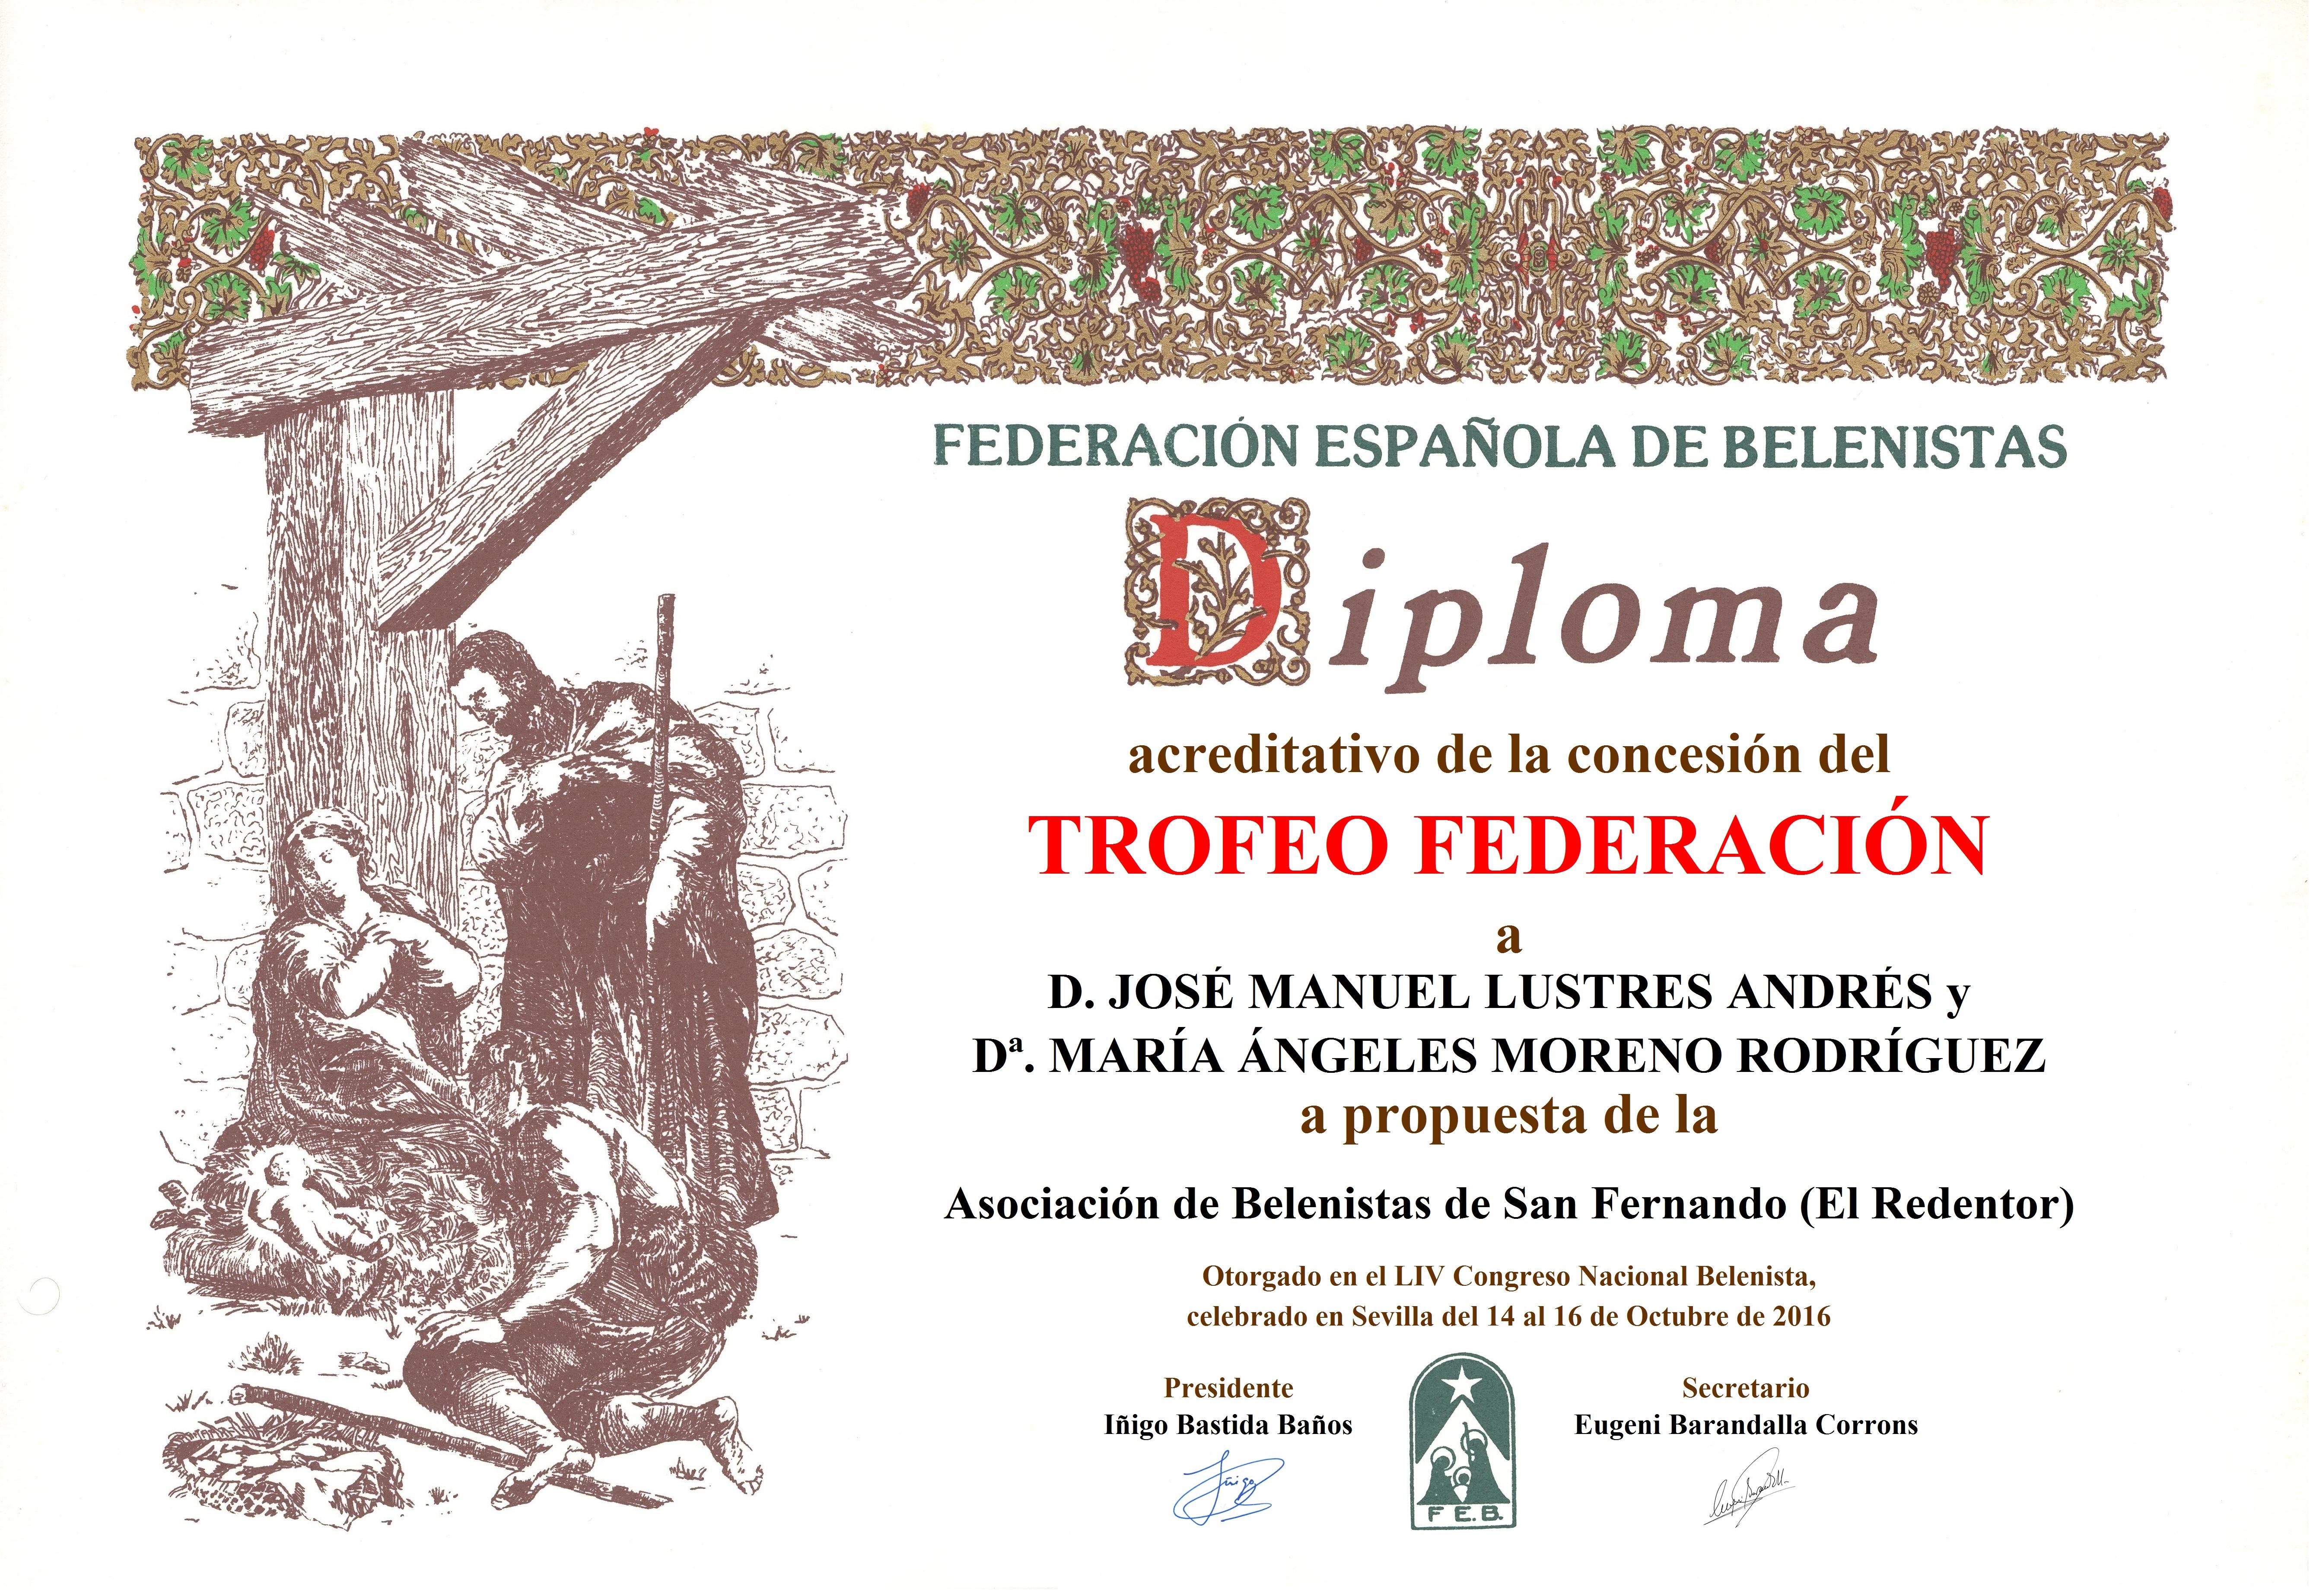 José Manuel Lustres Andrés y María Ángeles Moreno Rodríguez - Diploma Trofeo FEB 2016